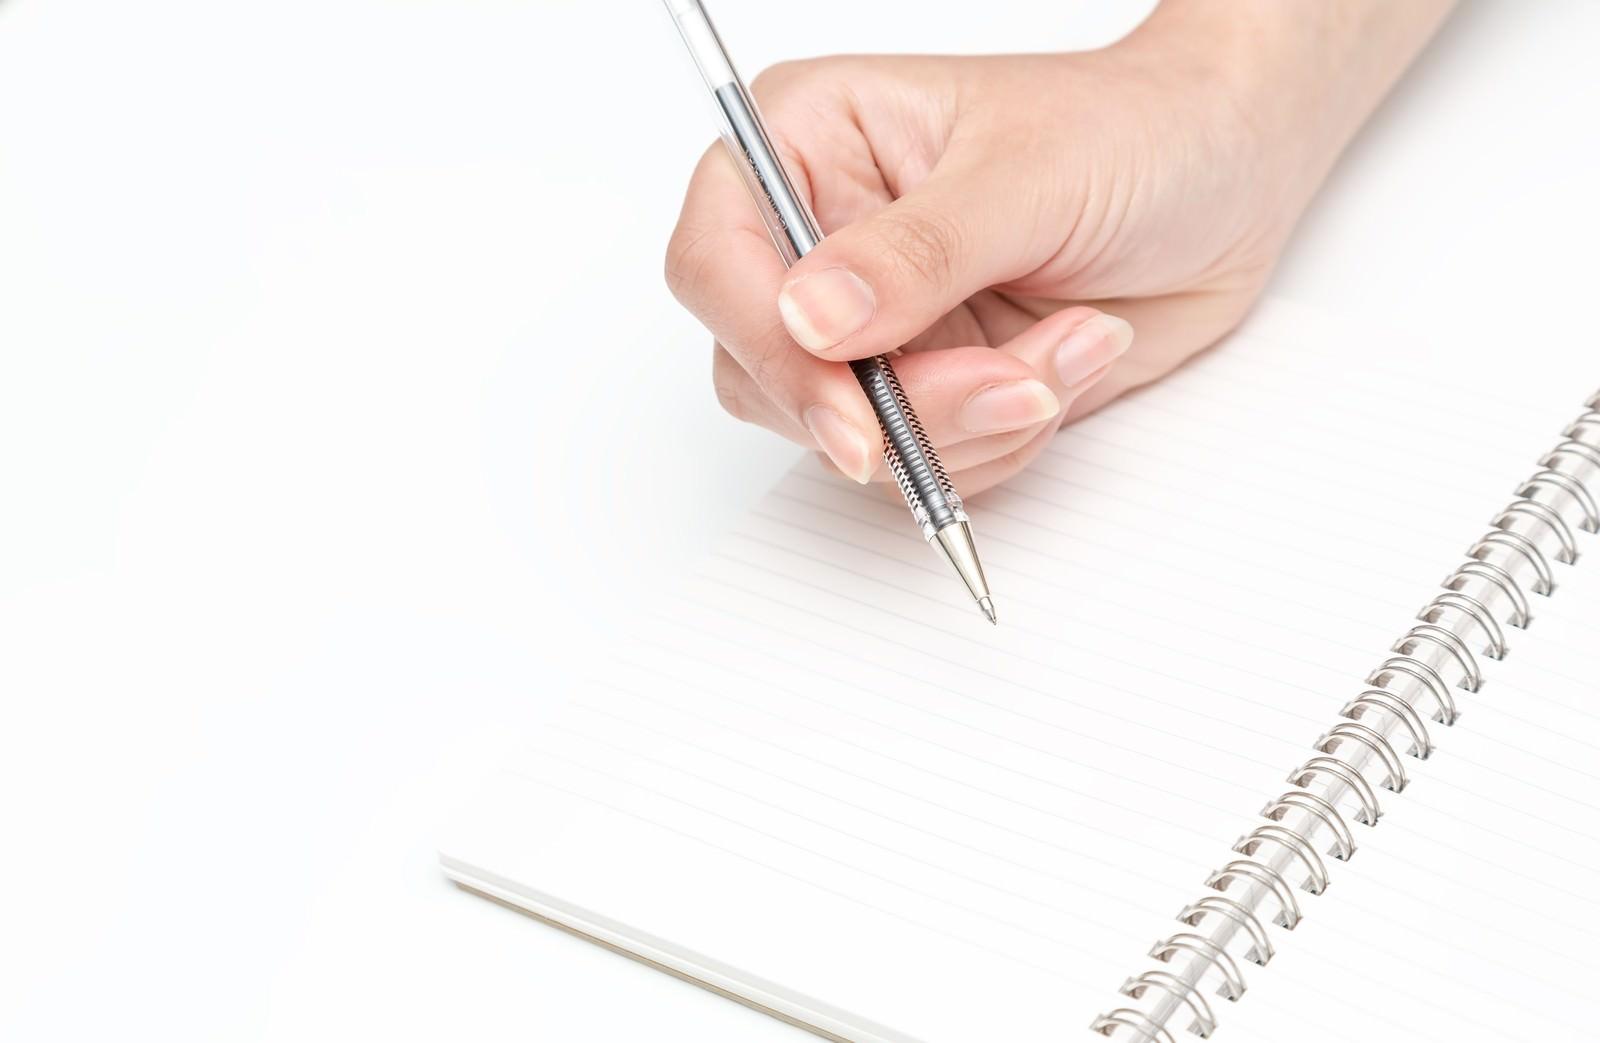 「ペンを握る手とノートペンを握る手とノート」のフリー写真素材を拡大